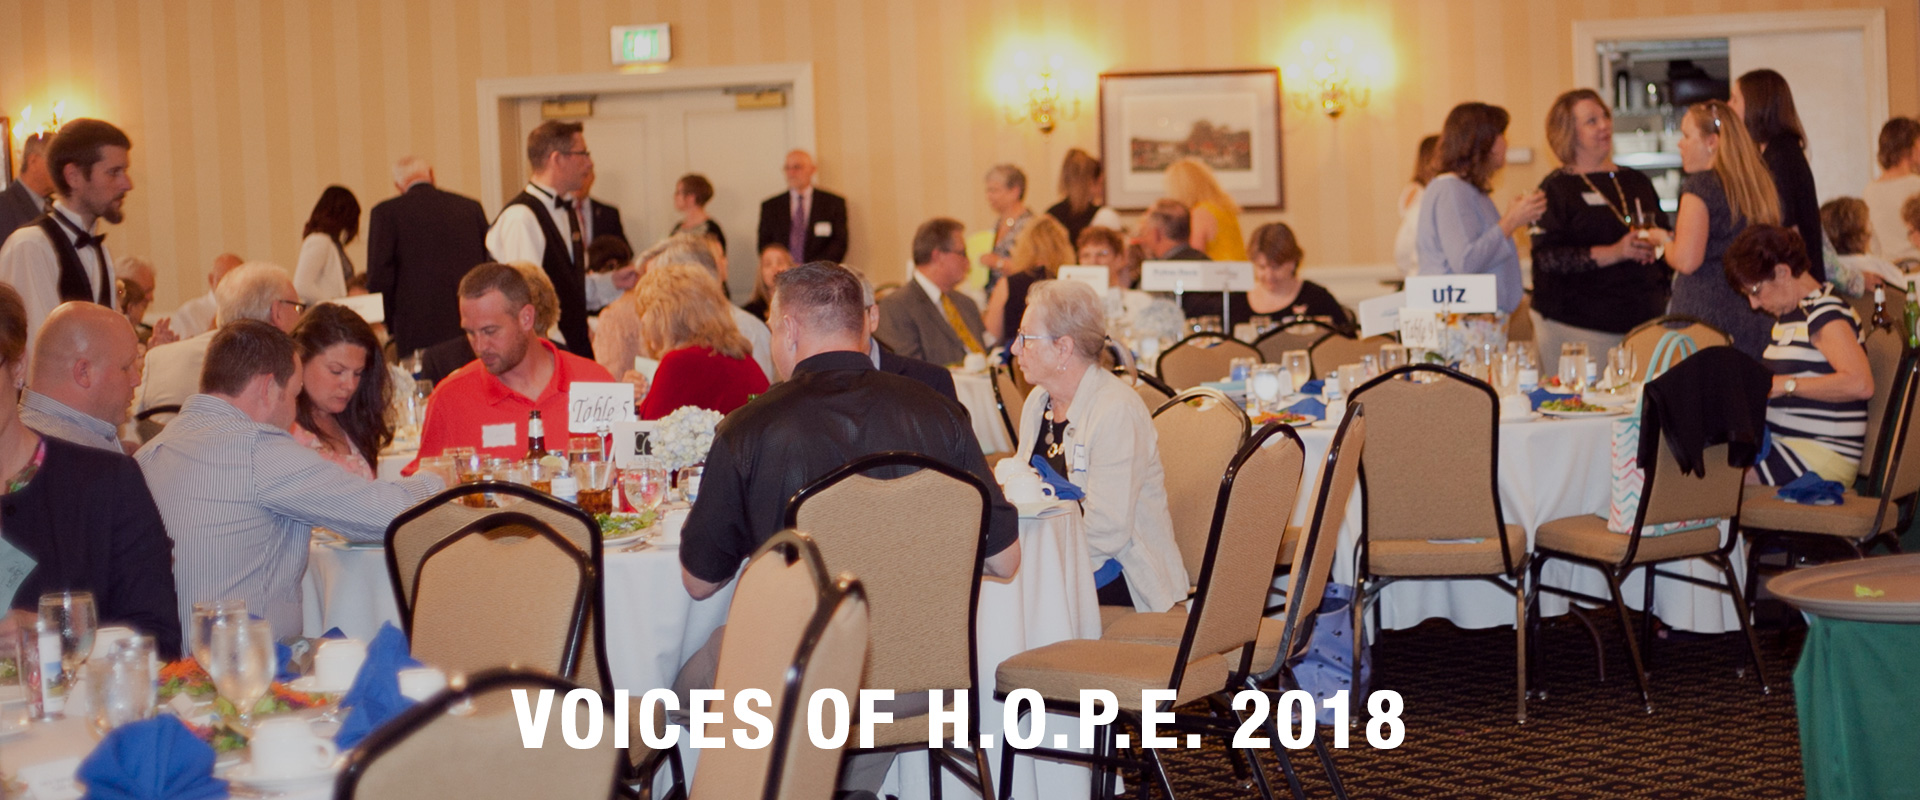 Voices of H.O.P.E. 2018 - 3